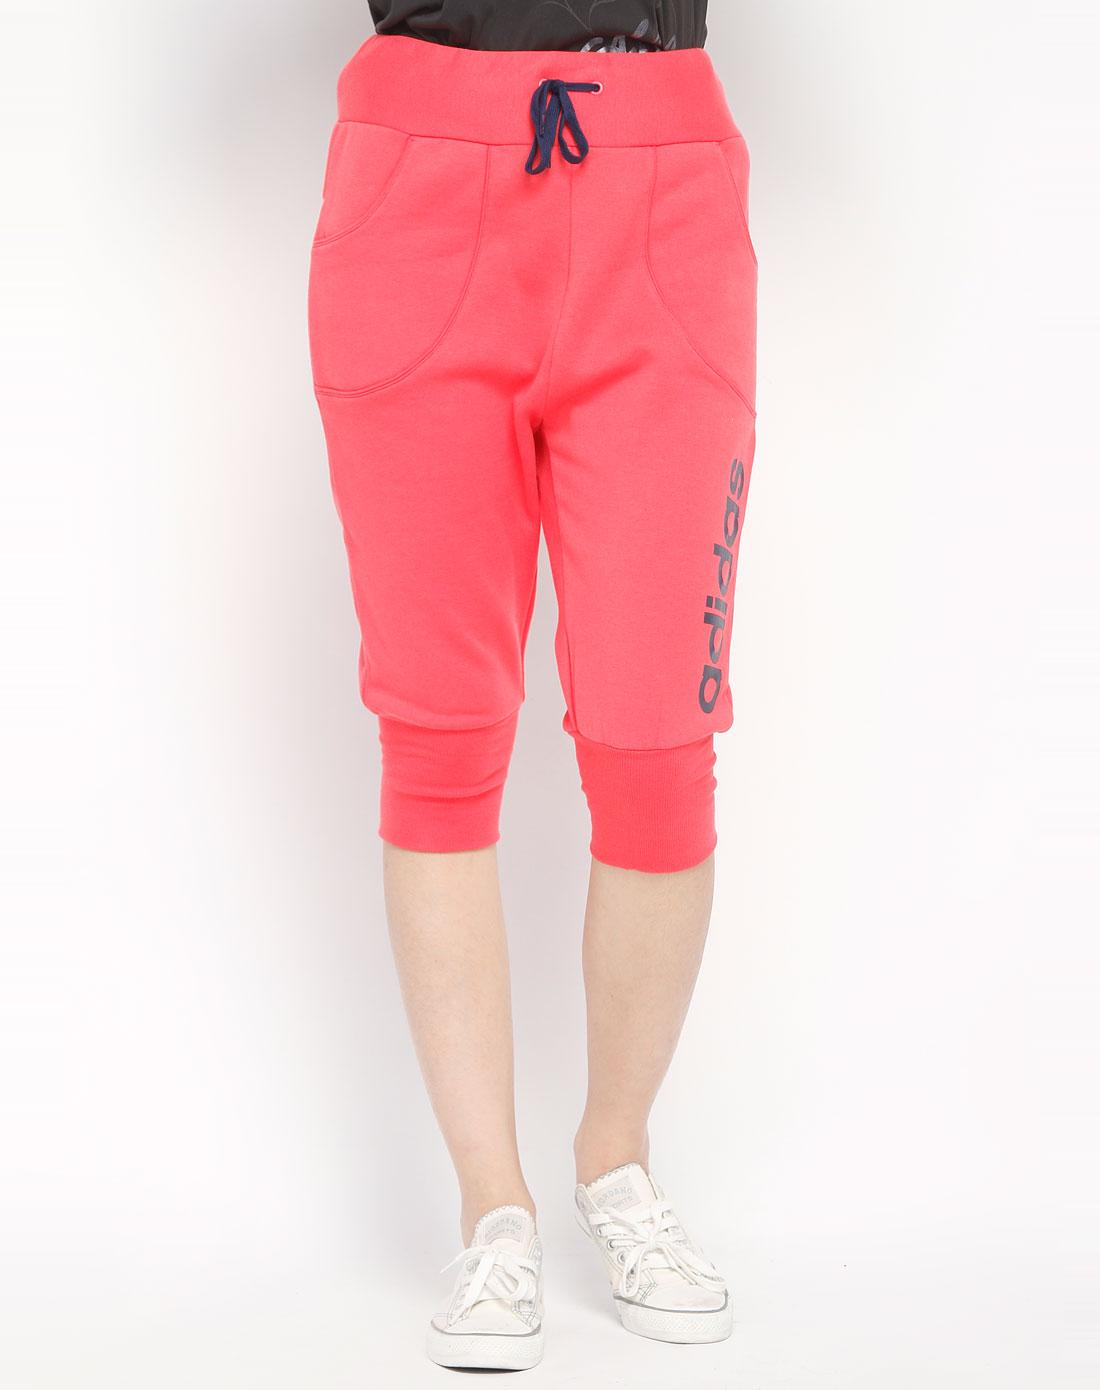 阿迪达斯adidasneo 女款桃红色运动中裤e66652